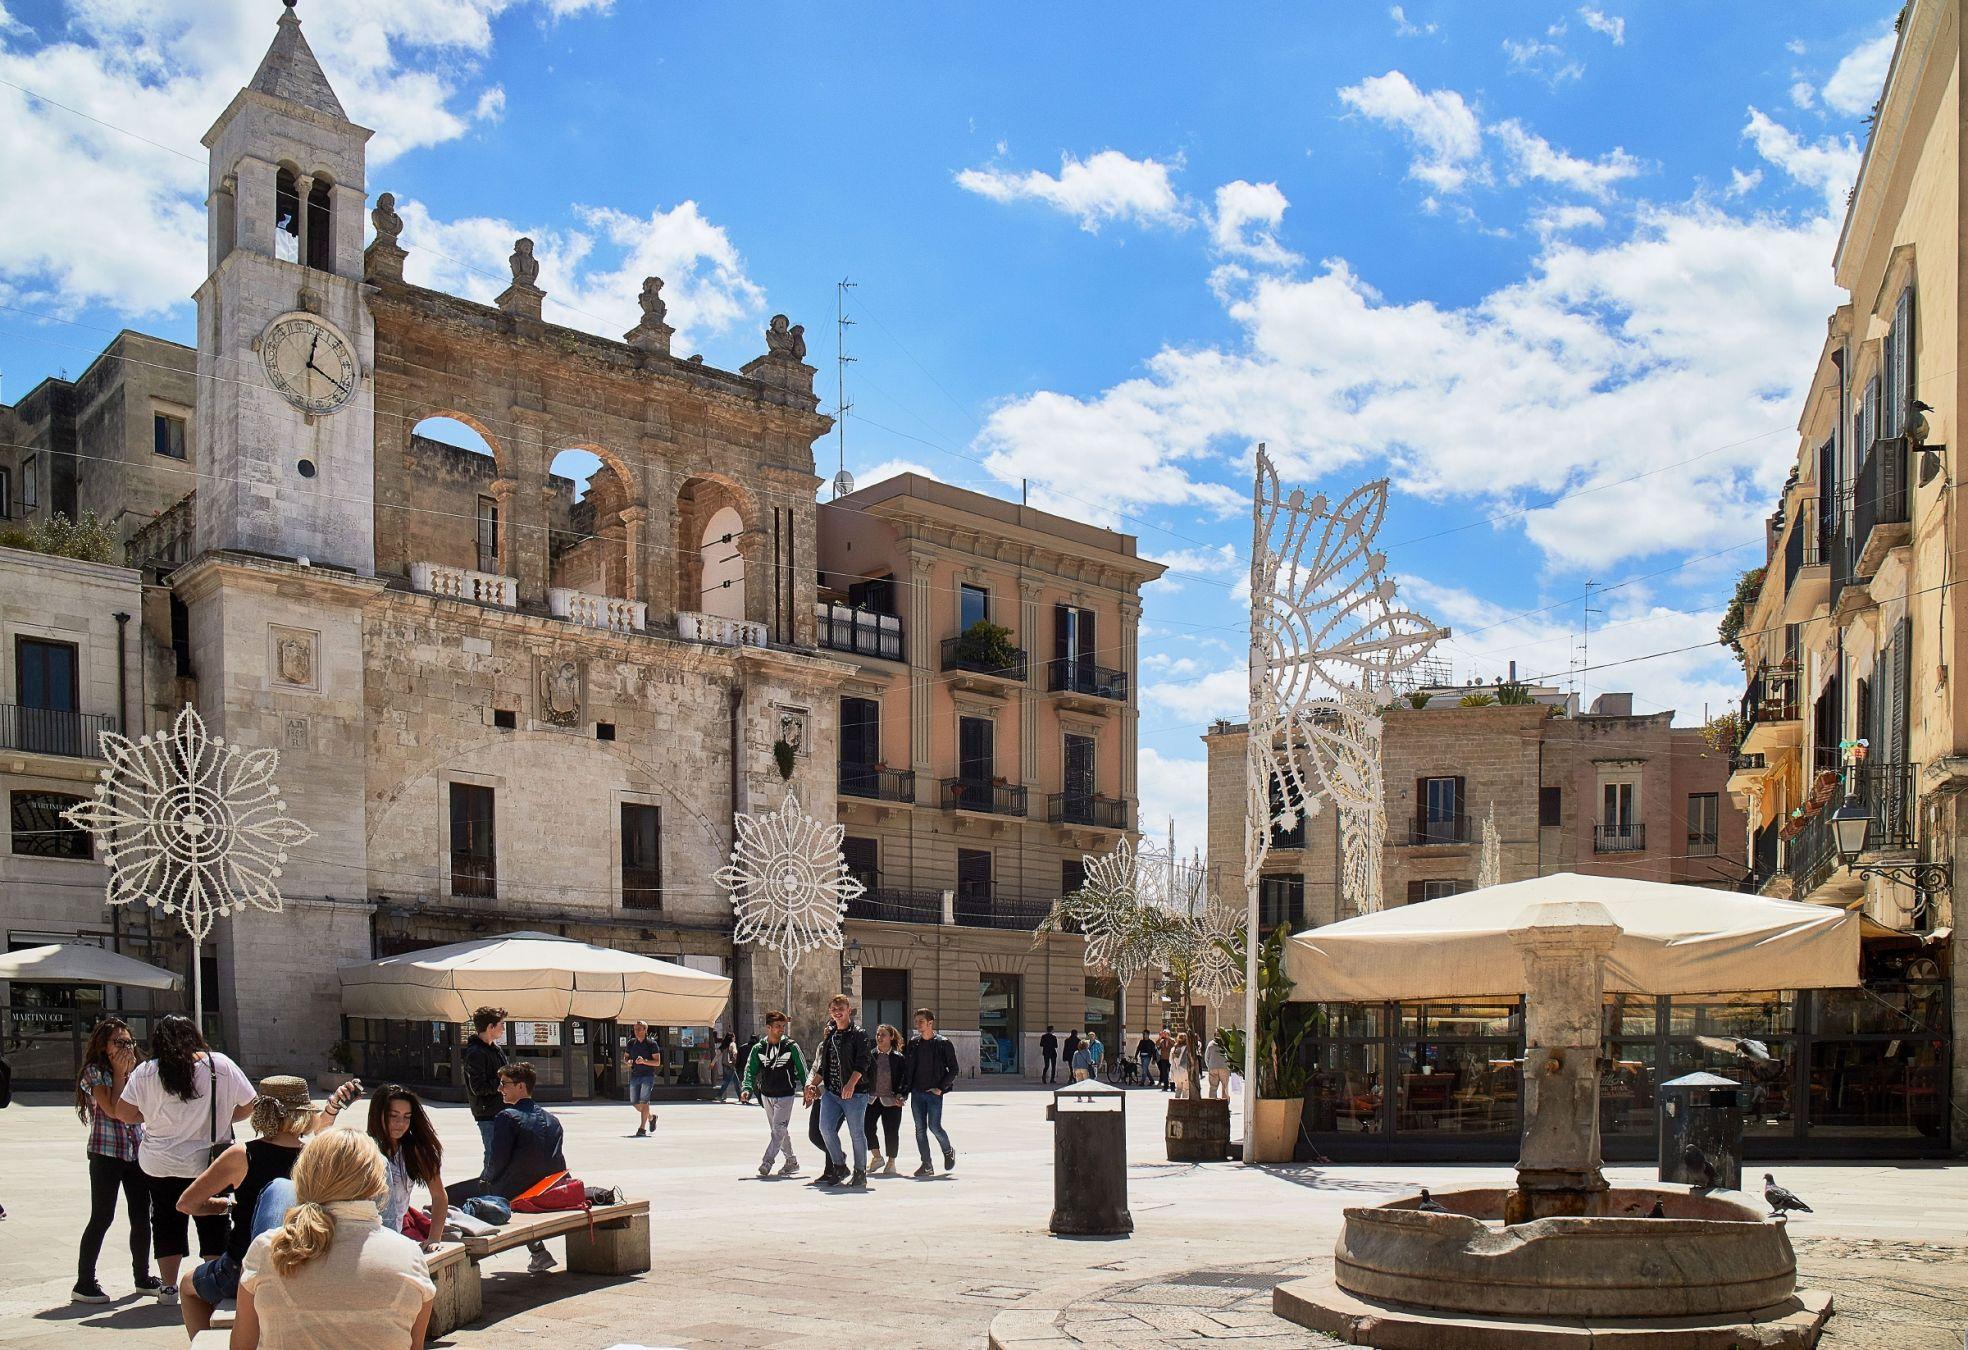 La piazza mercantile di Bari nella Città Vecchia